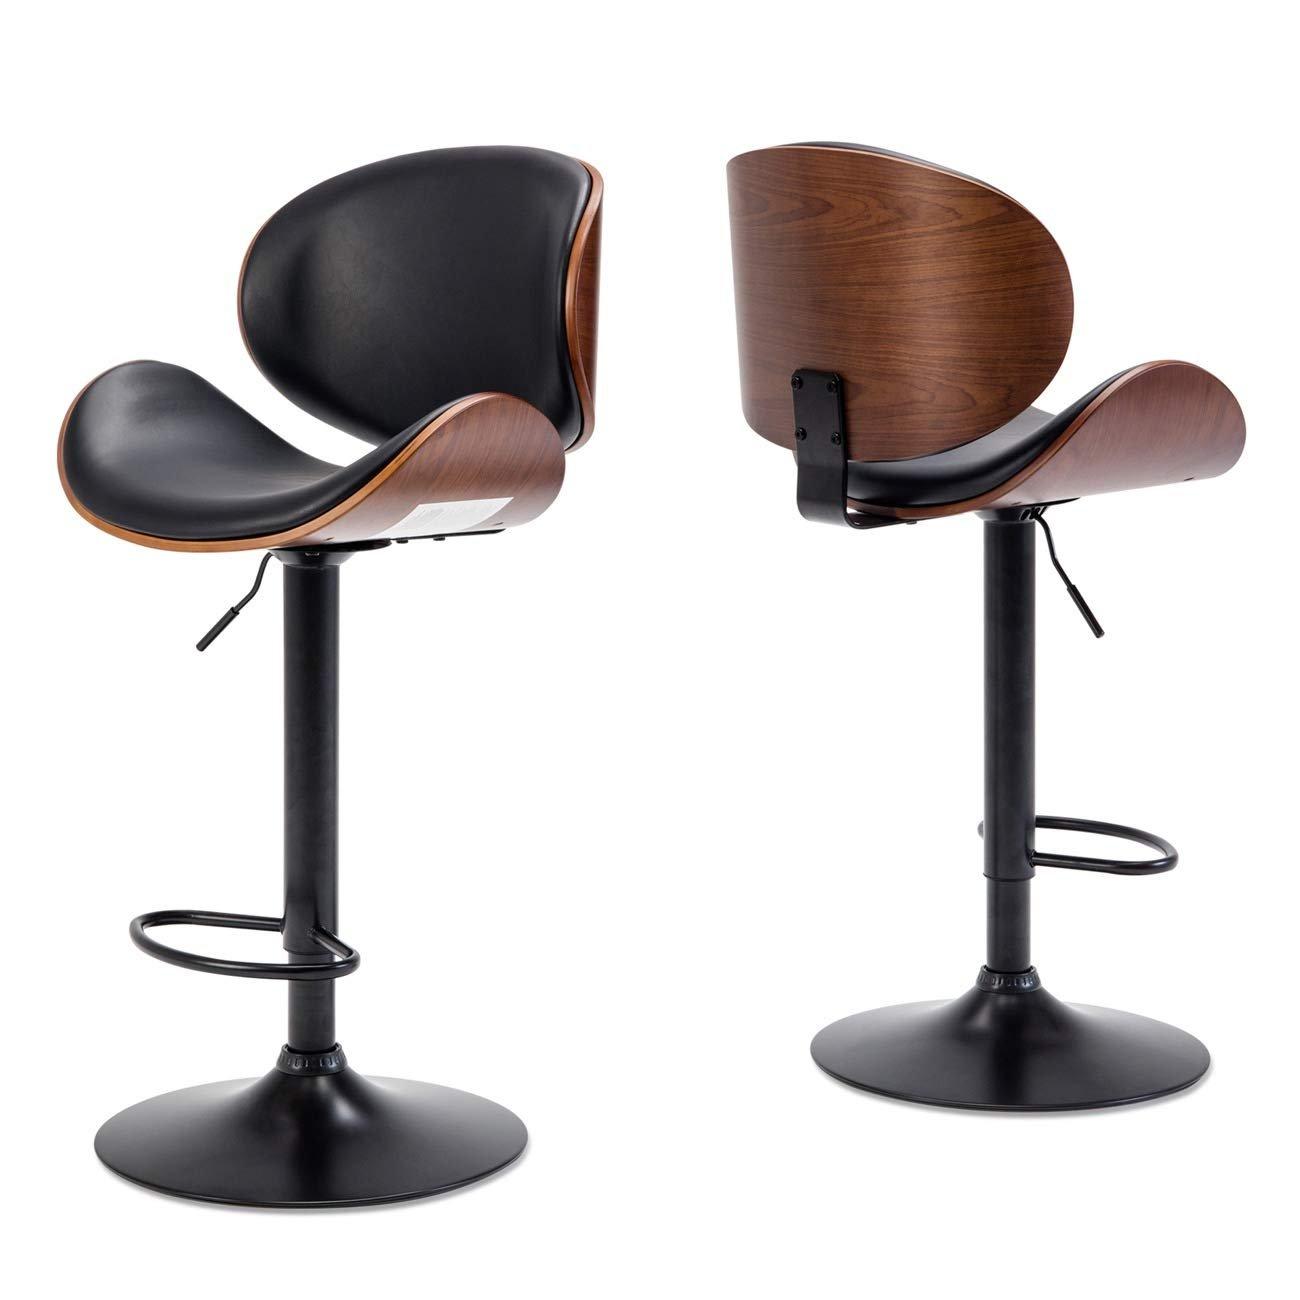 Ghế quầy bar cao cấp chân thép sơn tĩnh điện : KG – 443